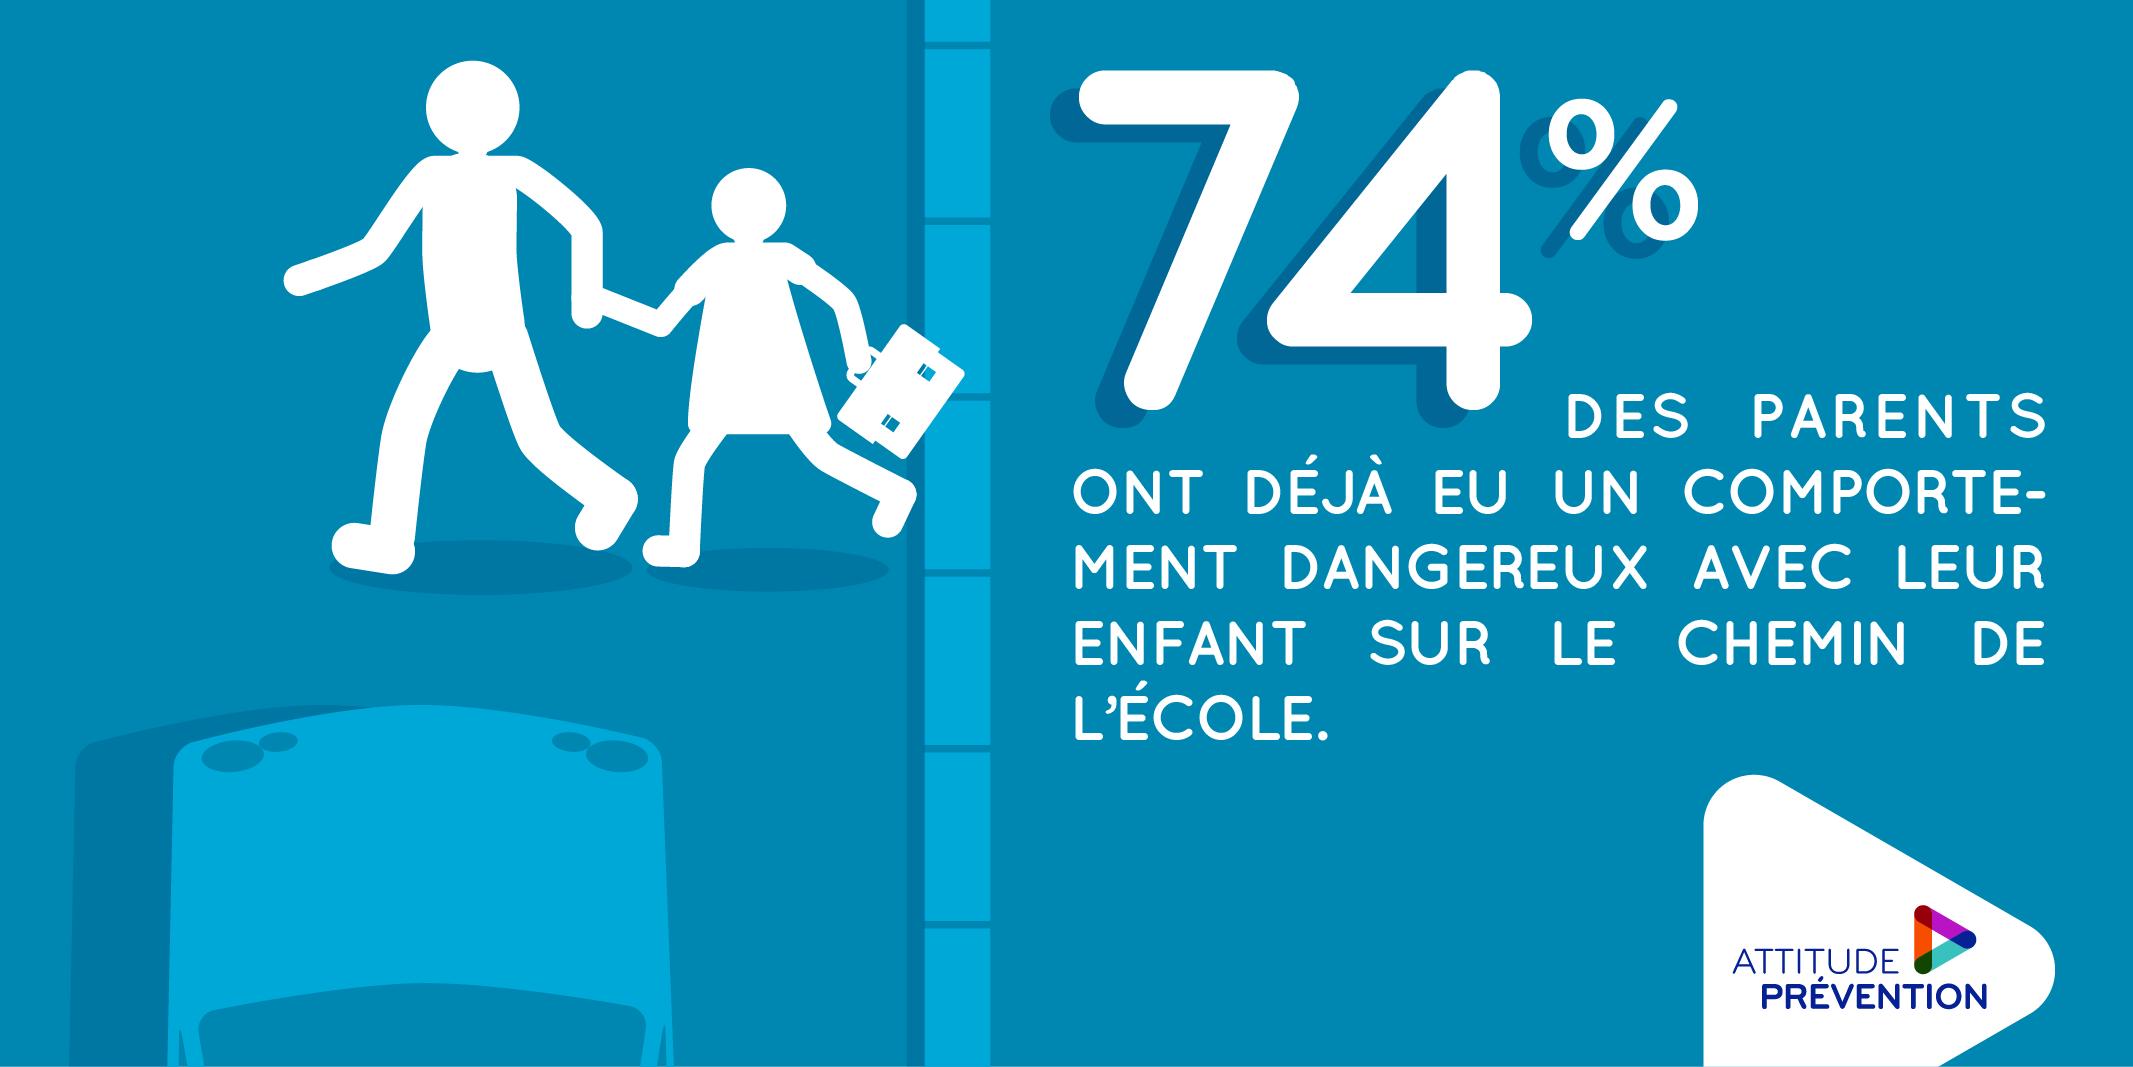 74 % des parents ont déjà eu un comportement dangereux avec leurs enfants sur le chemin de l'école